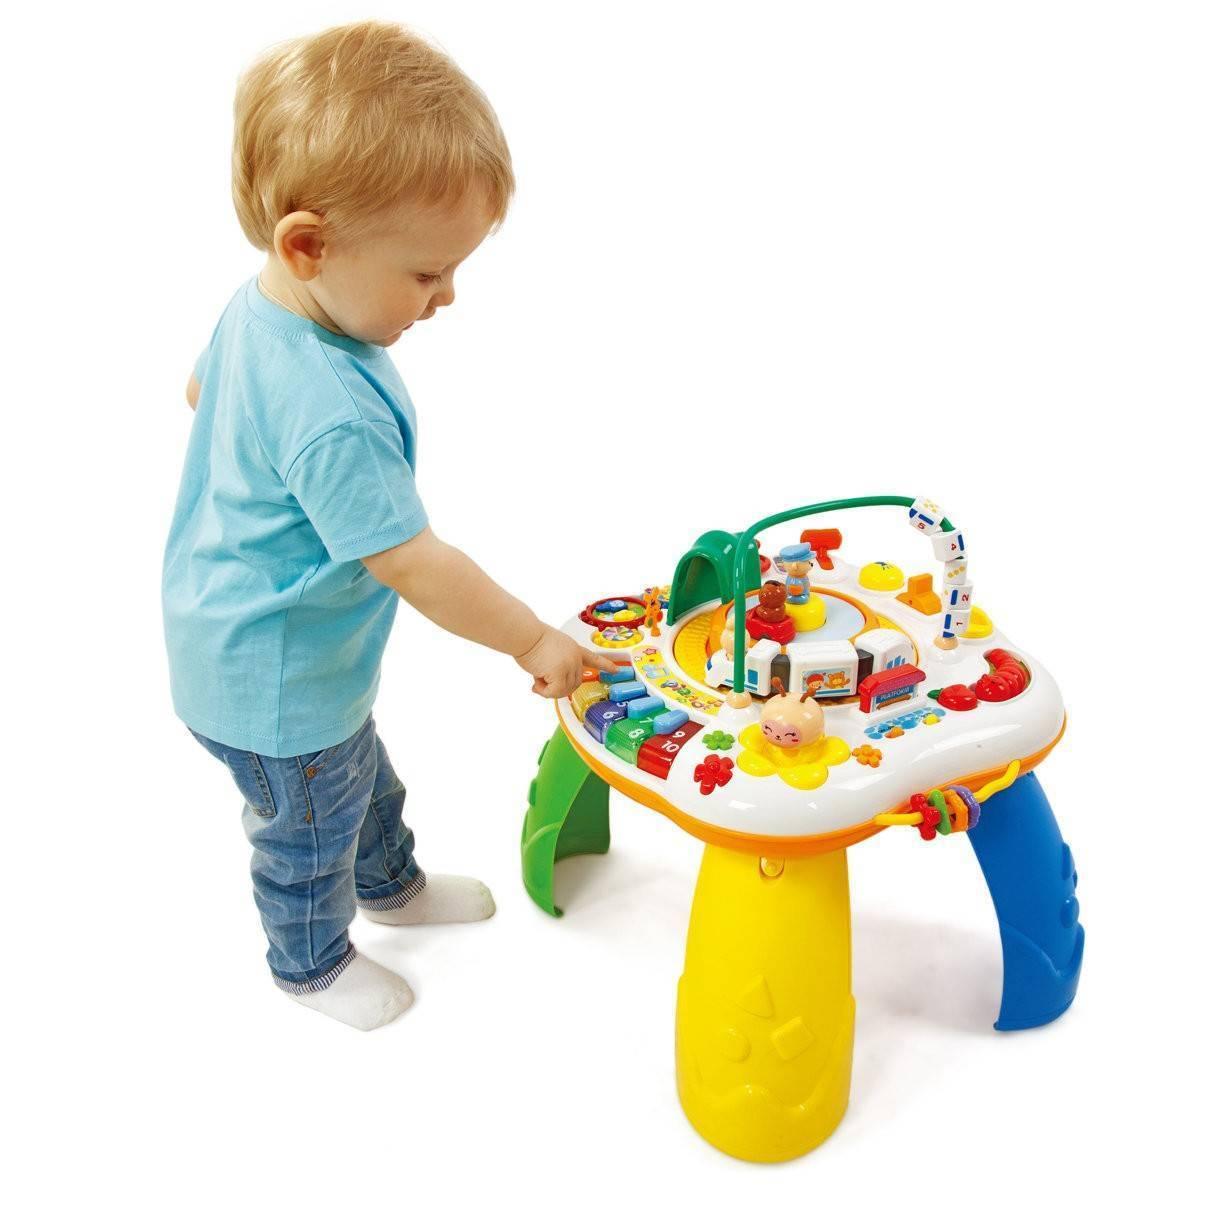 Лучшие игрушки для детей 2-3 лет   аналогий нет